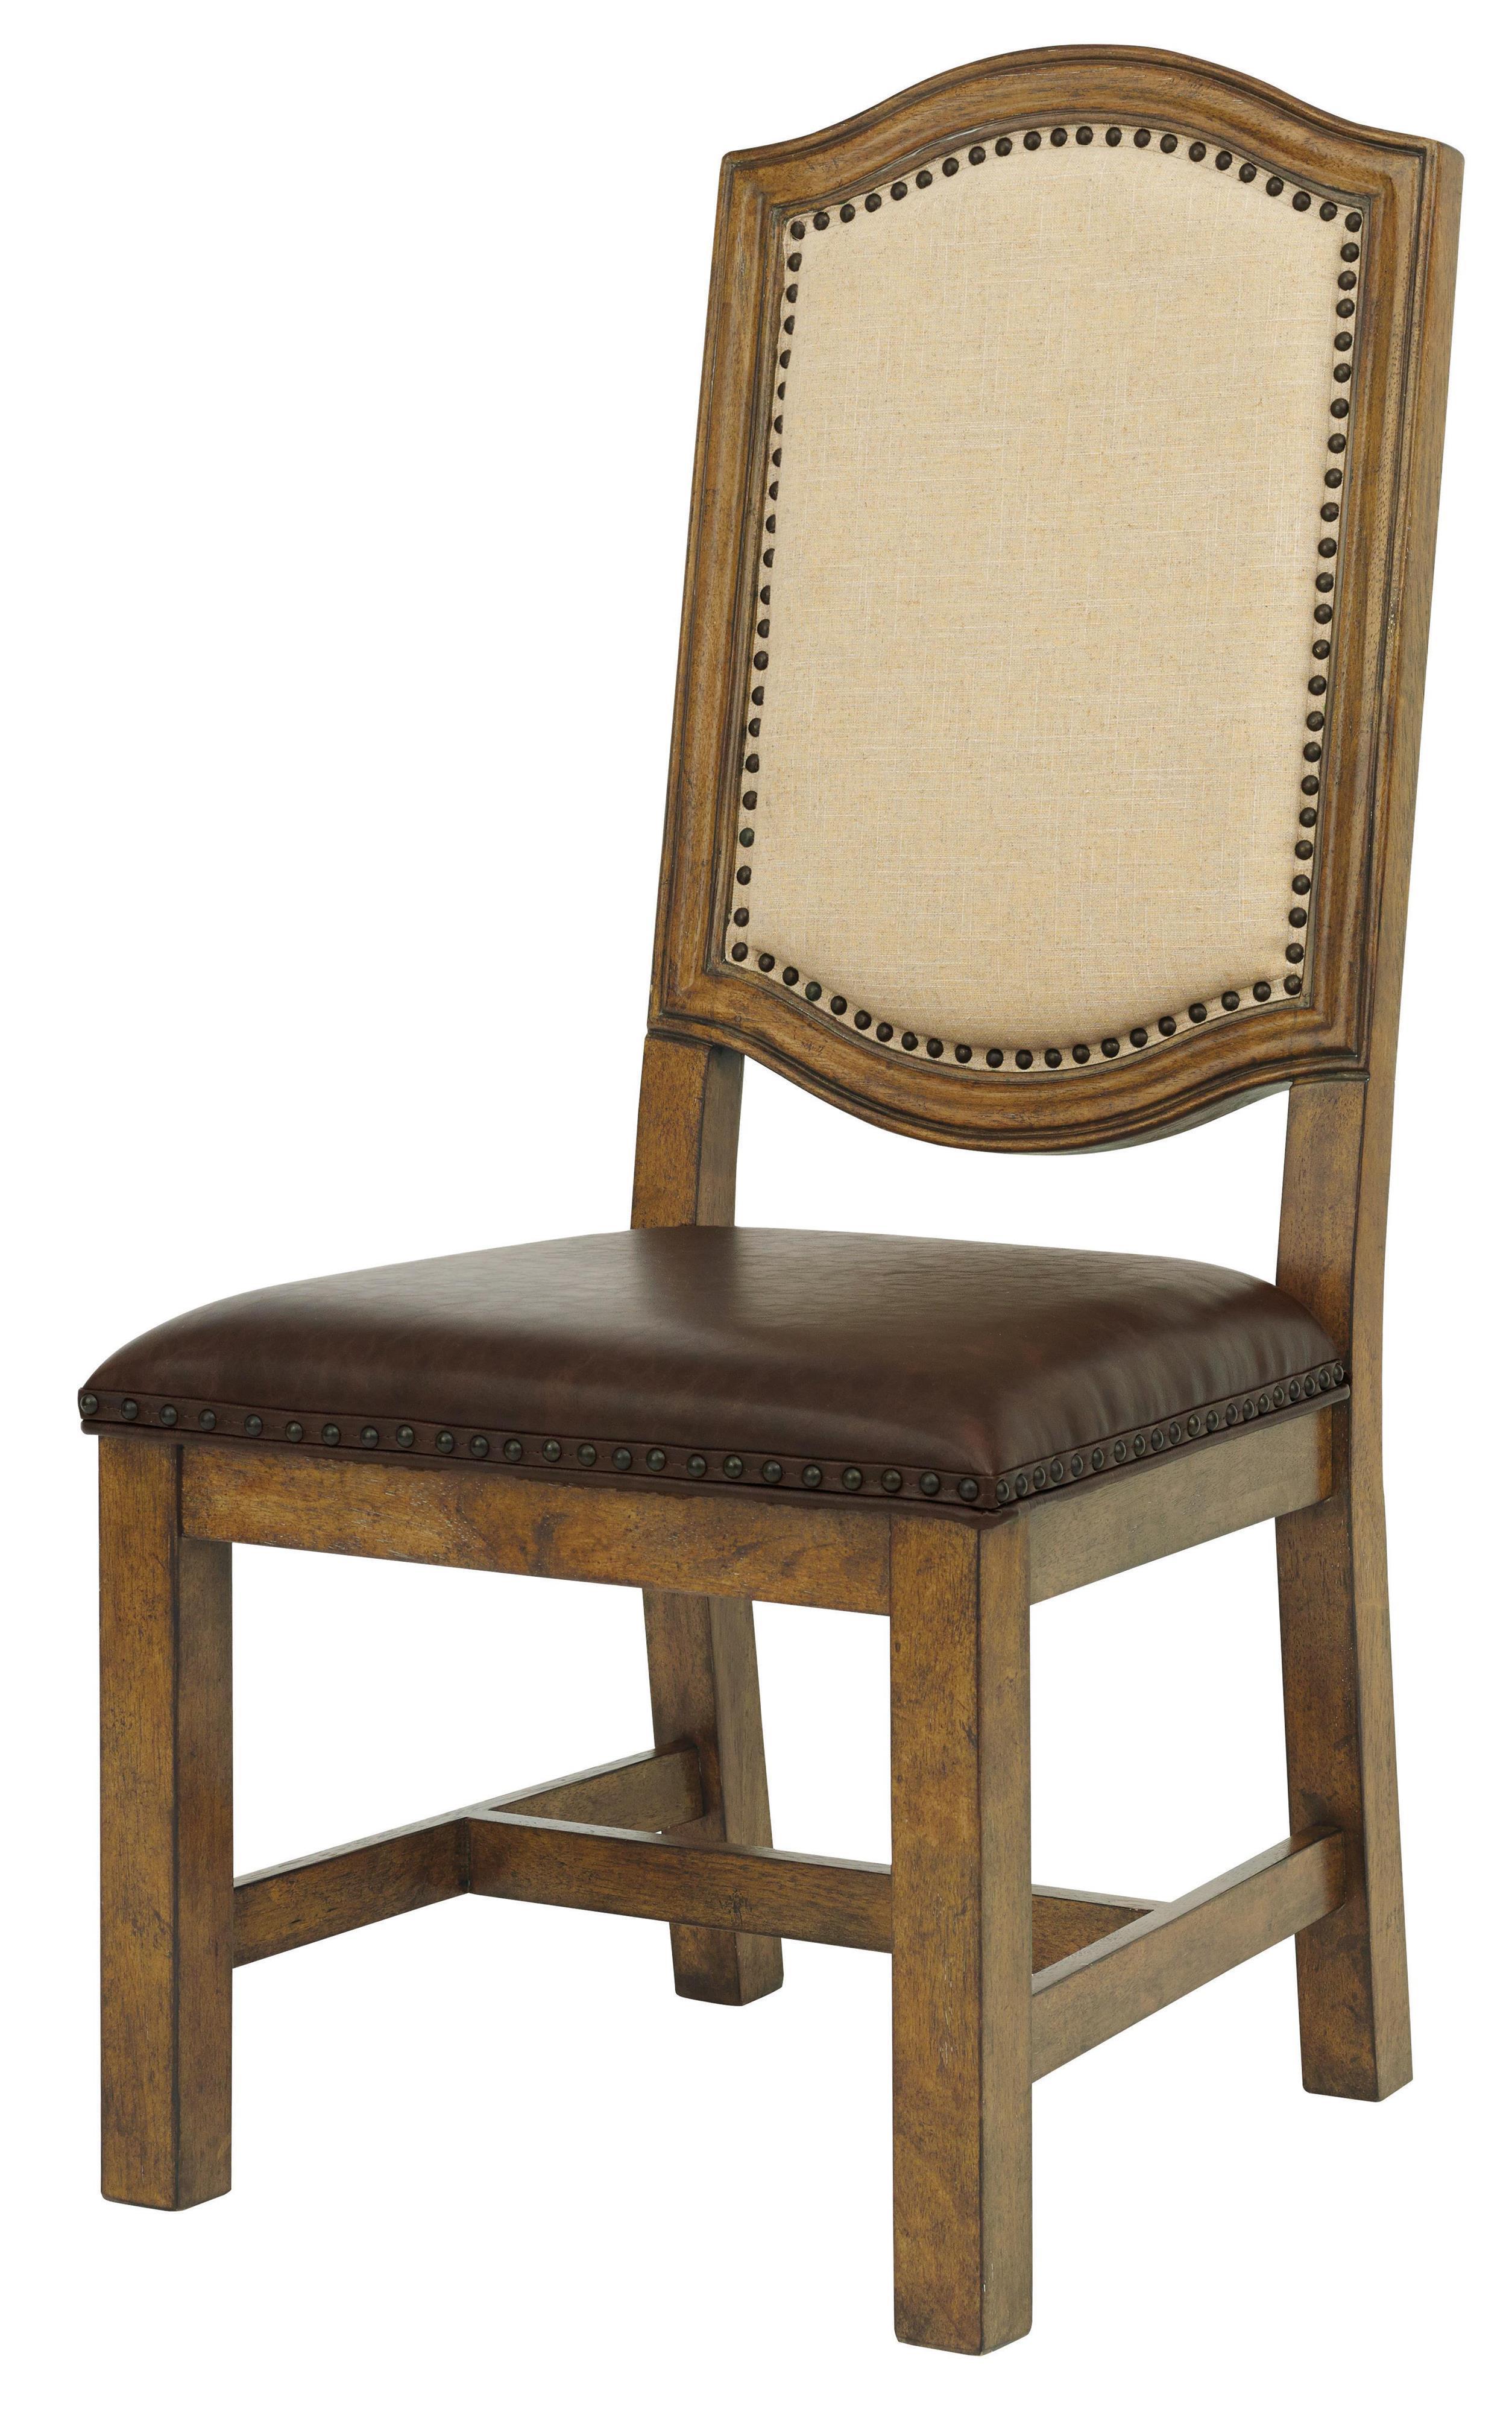 Belfort Select Virginia Mill Wood Side Chair - Item Number: 8854-154B